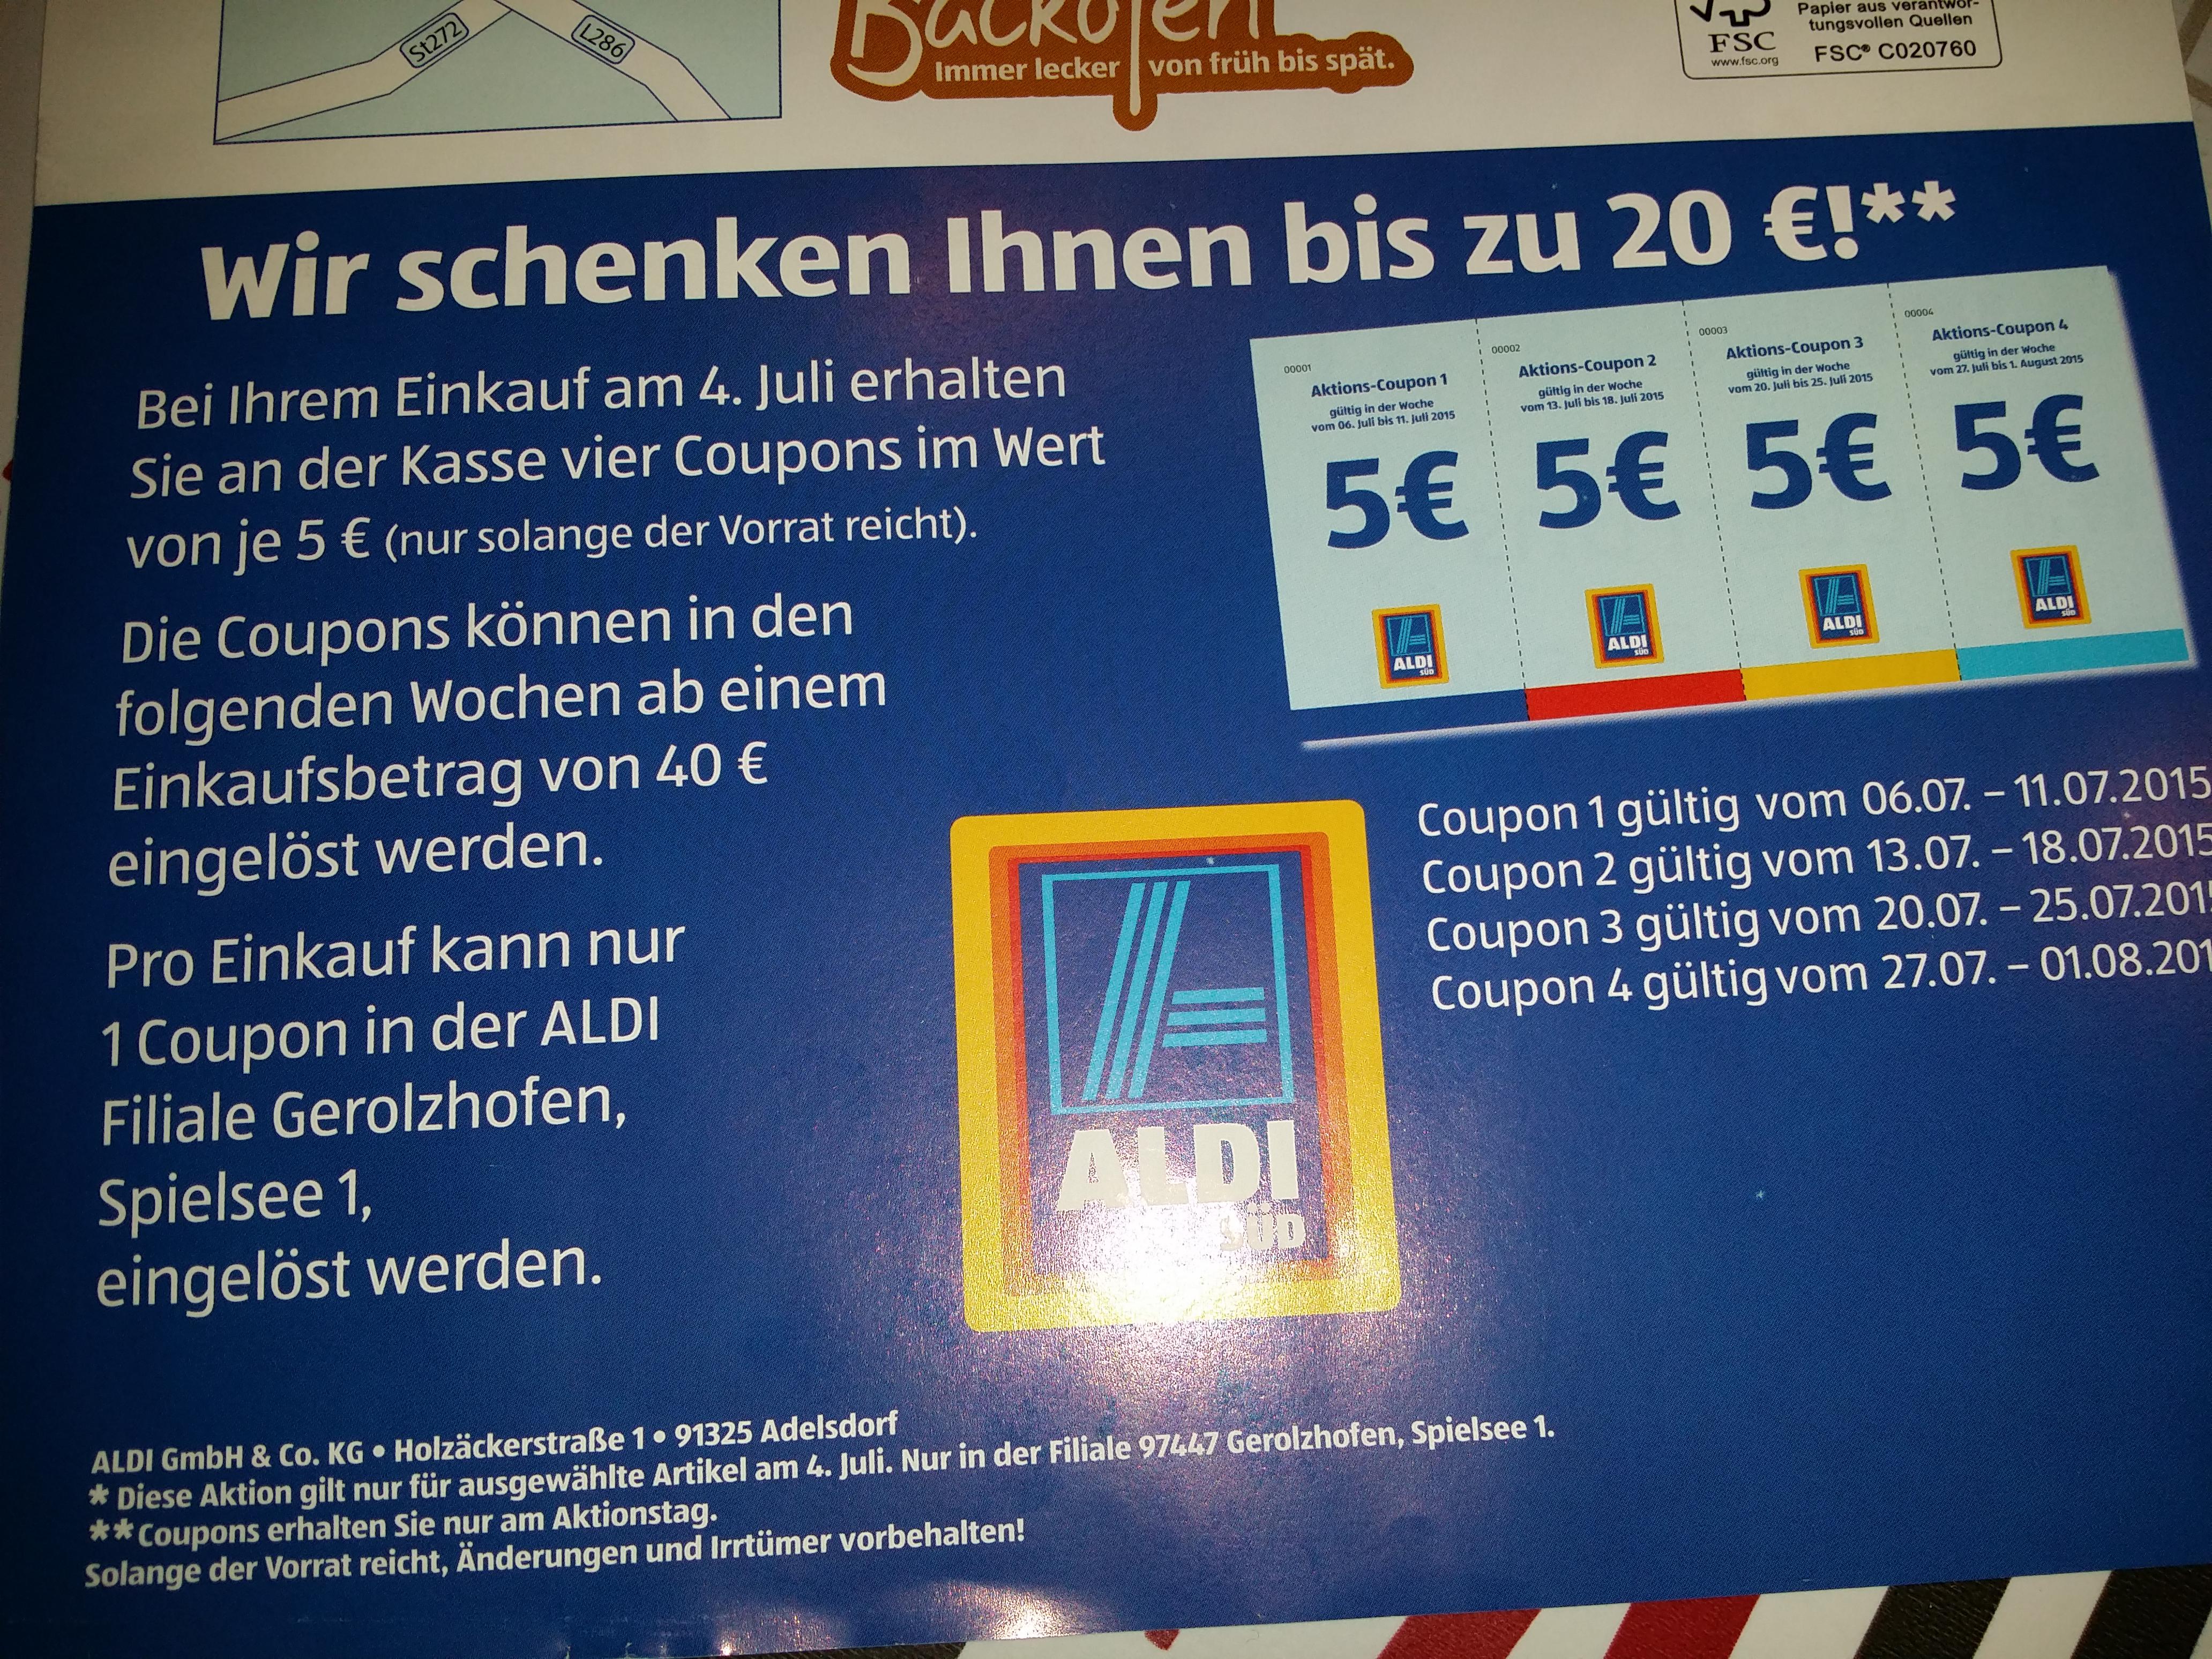 aldi_coupons.jpg